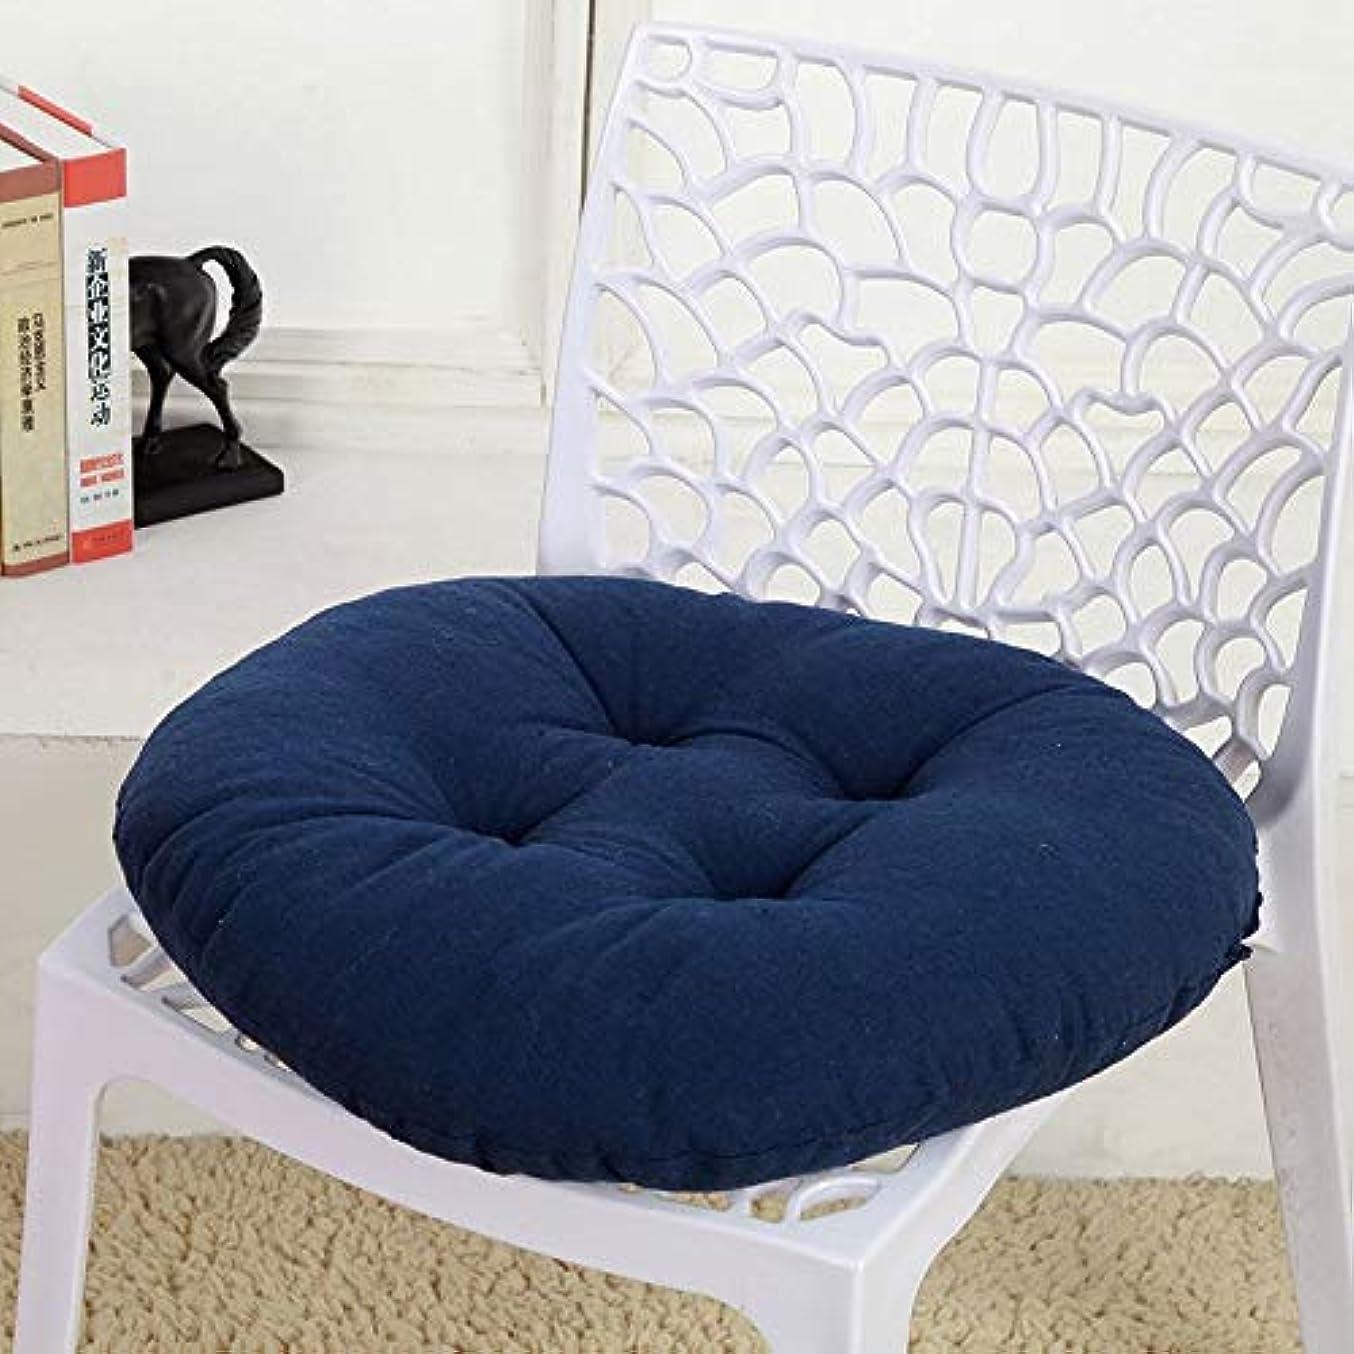 マウントバンク王子発火するSMART キャンディカラーのクッションラウンドシートクッション波ウィンドウシートクッションクッション家の装飾パッドラウンド枕シート枕椅子座る枕 クッション 椅子